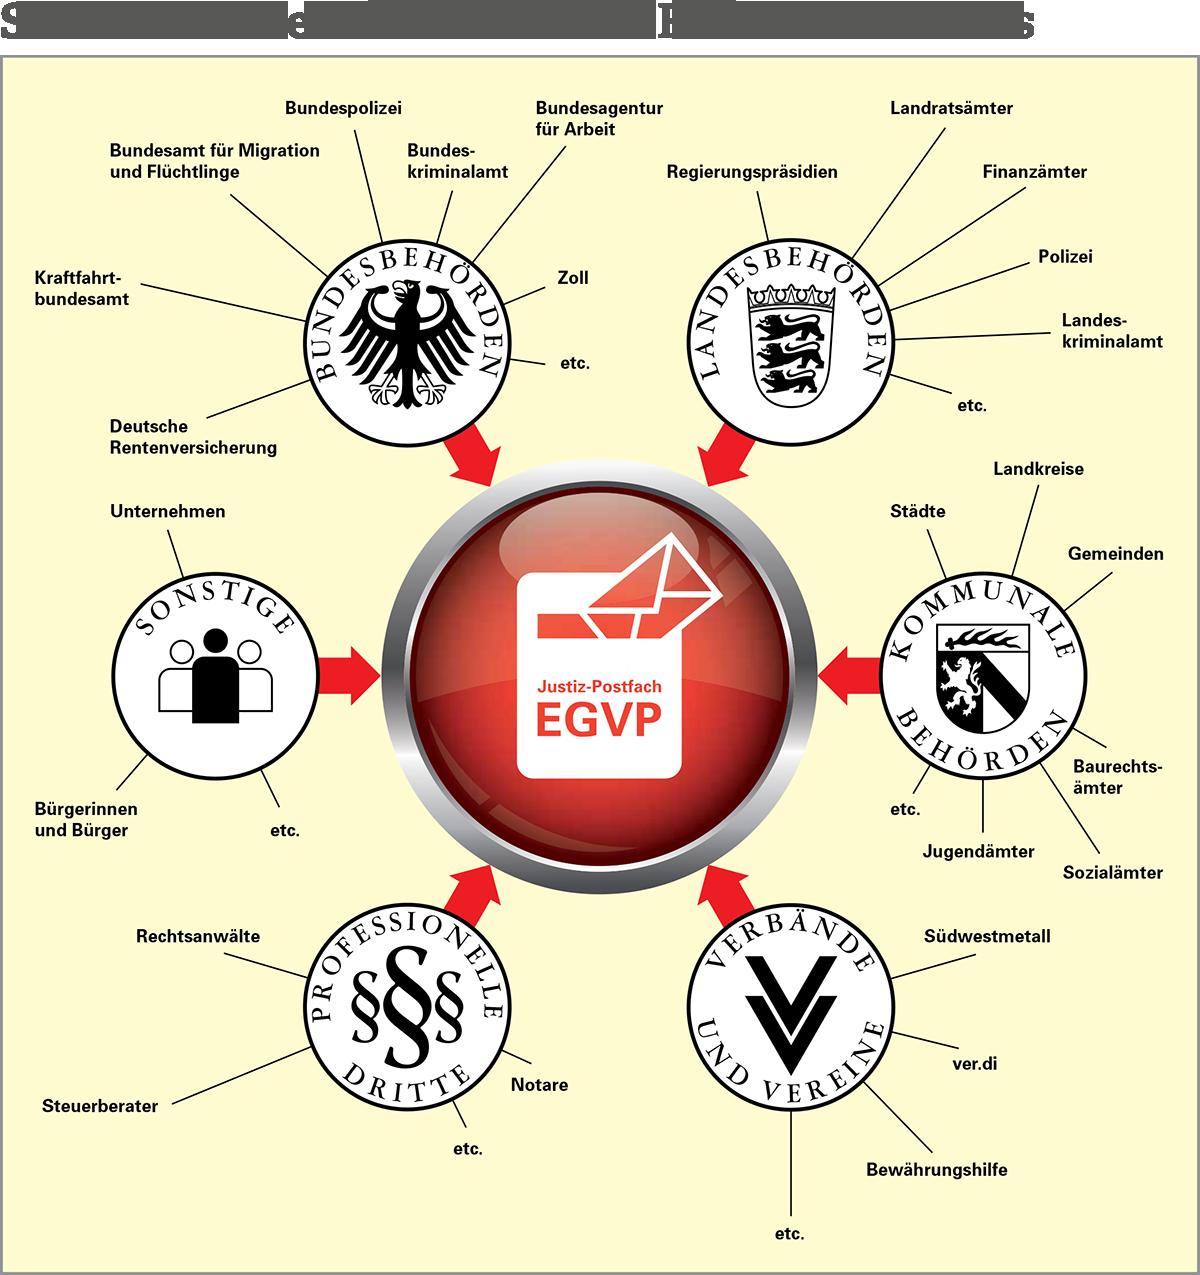 Sämtliche Dokumente und Akten von Bundes-, Landes und kommunalen Behörden sowie sonstiger externer Partner werden nach den Datenaustauschstandards XDOMEA und XJustiz strukturiert.